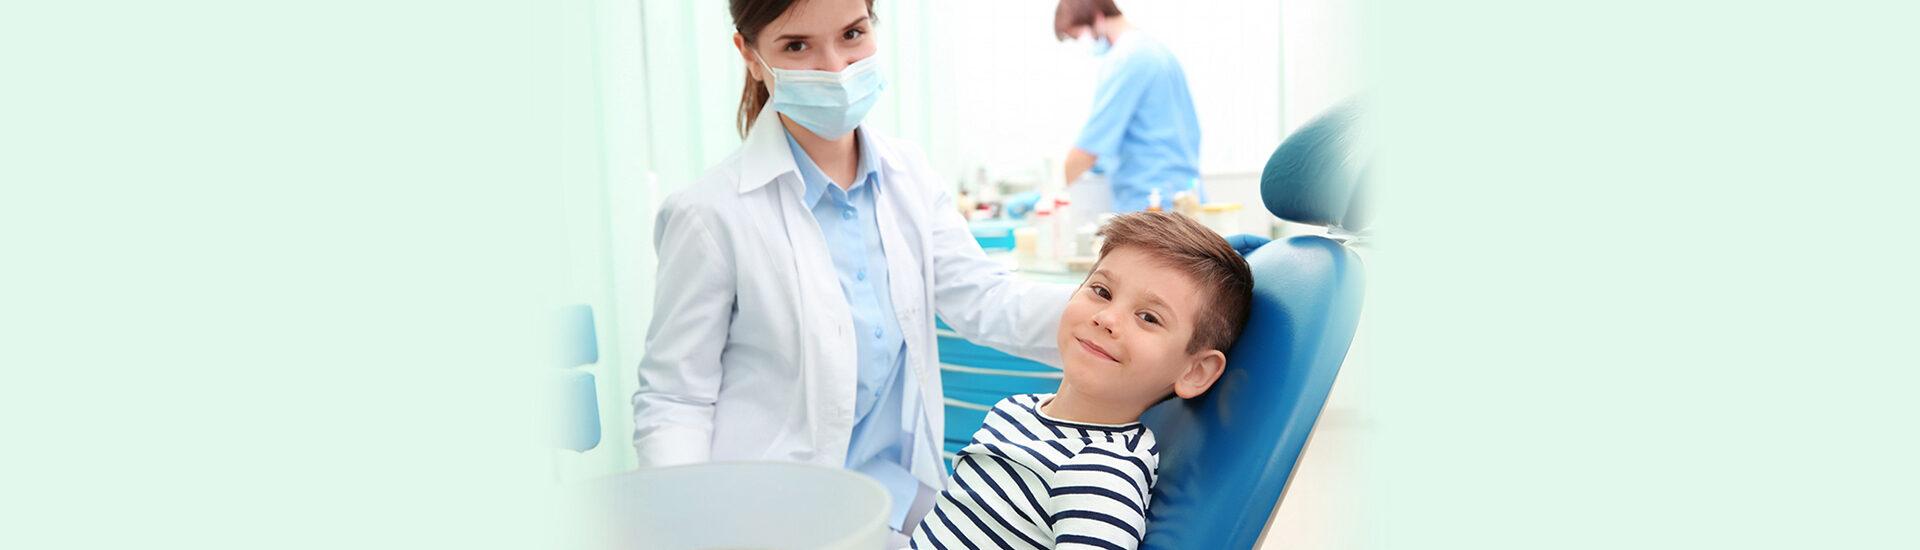 Children's Dentistry in Oak Lawn, IL